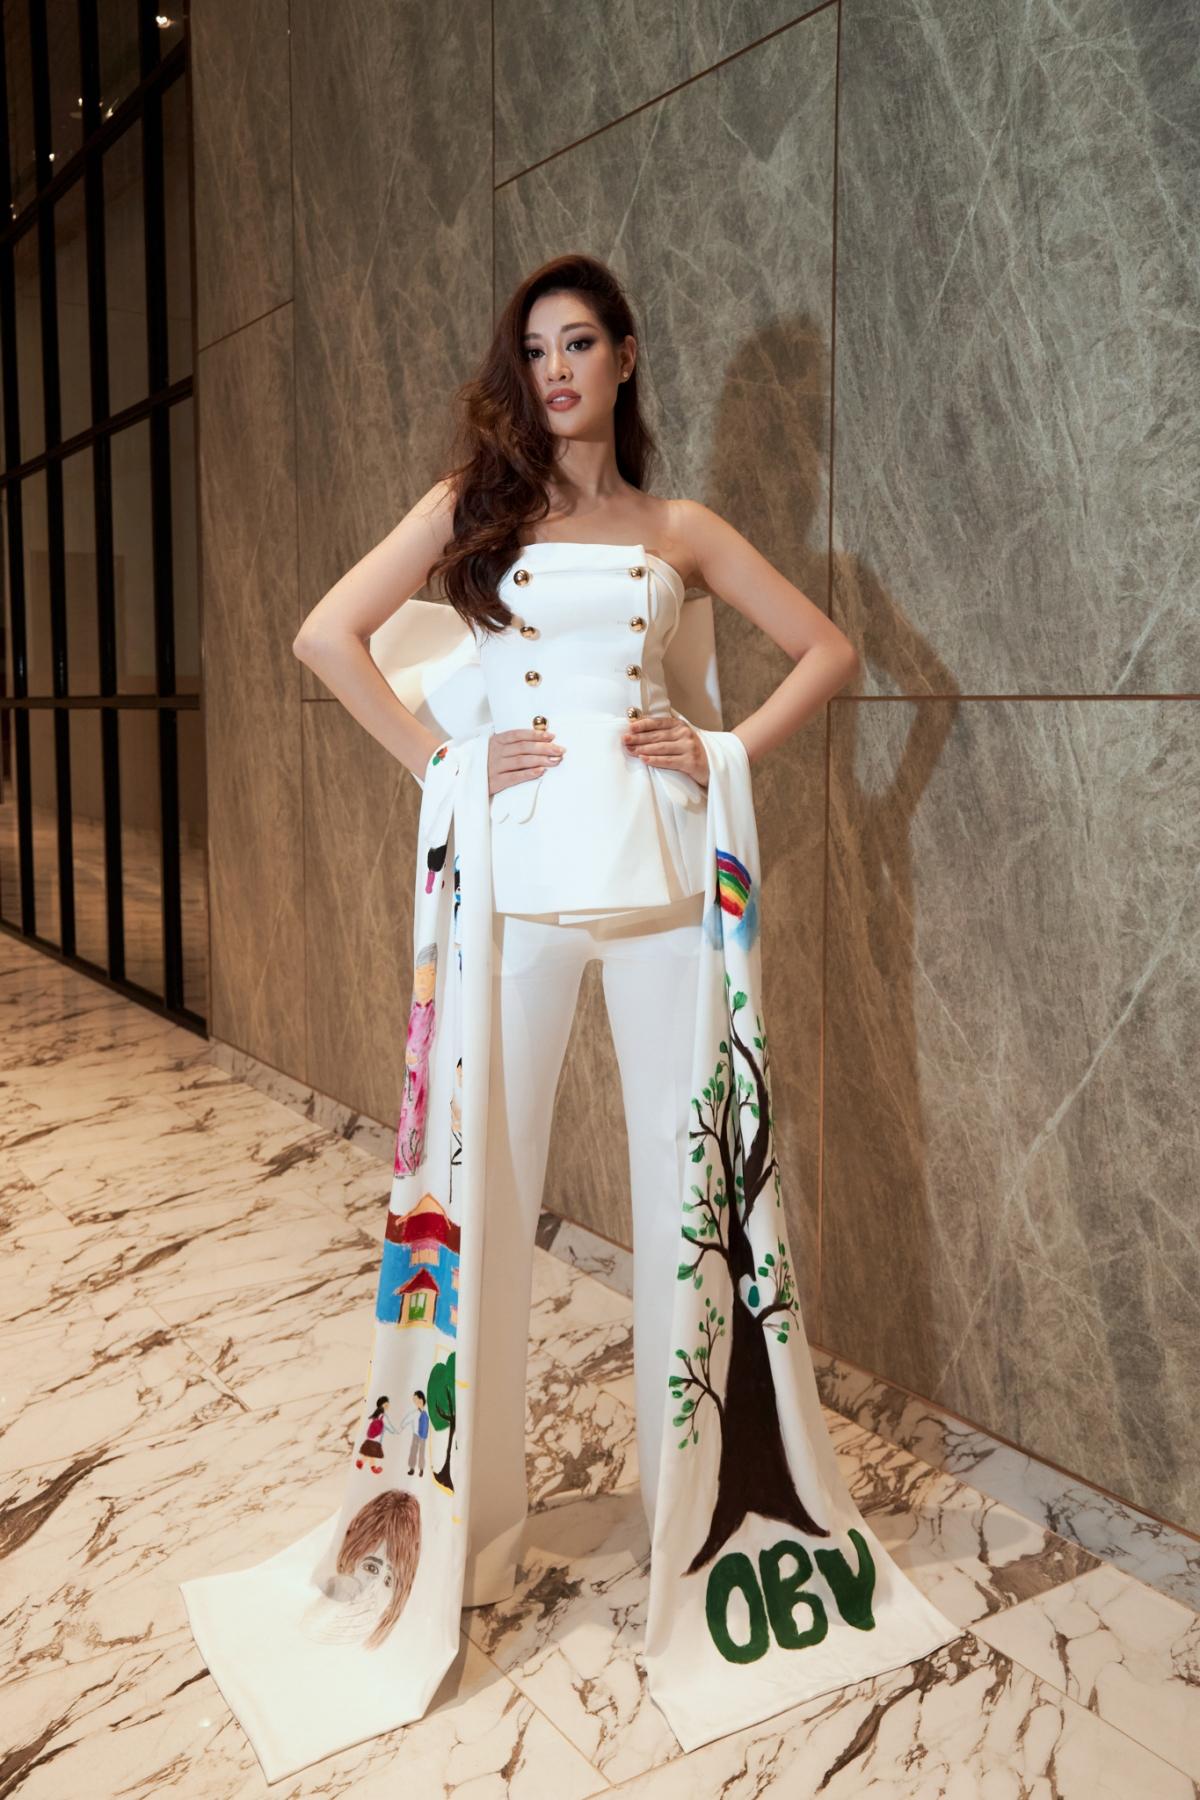 Hiện, Khánh Vân đang hoàn thiện những công tác cuối cùng cho chuyến hành trình chinh phục Miss Universe, diễn ra ở Mỹ vào tháng 5 tới./.